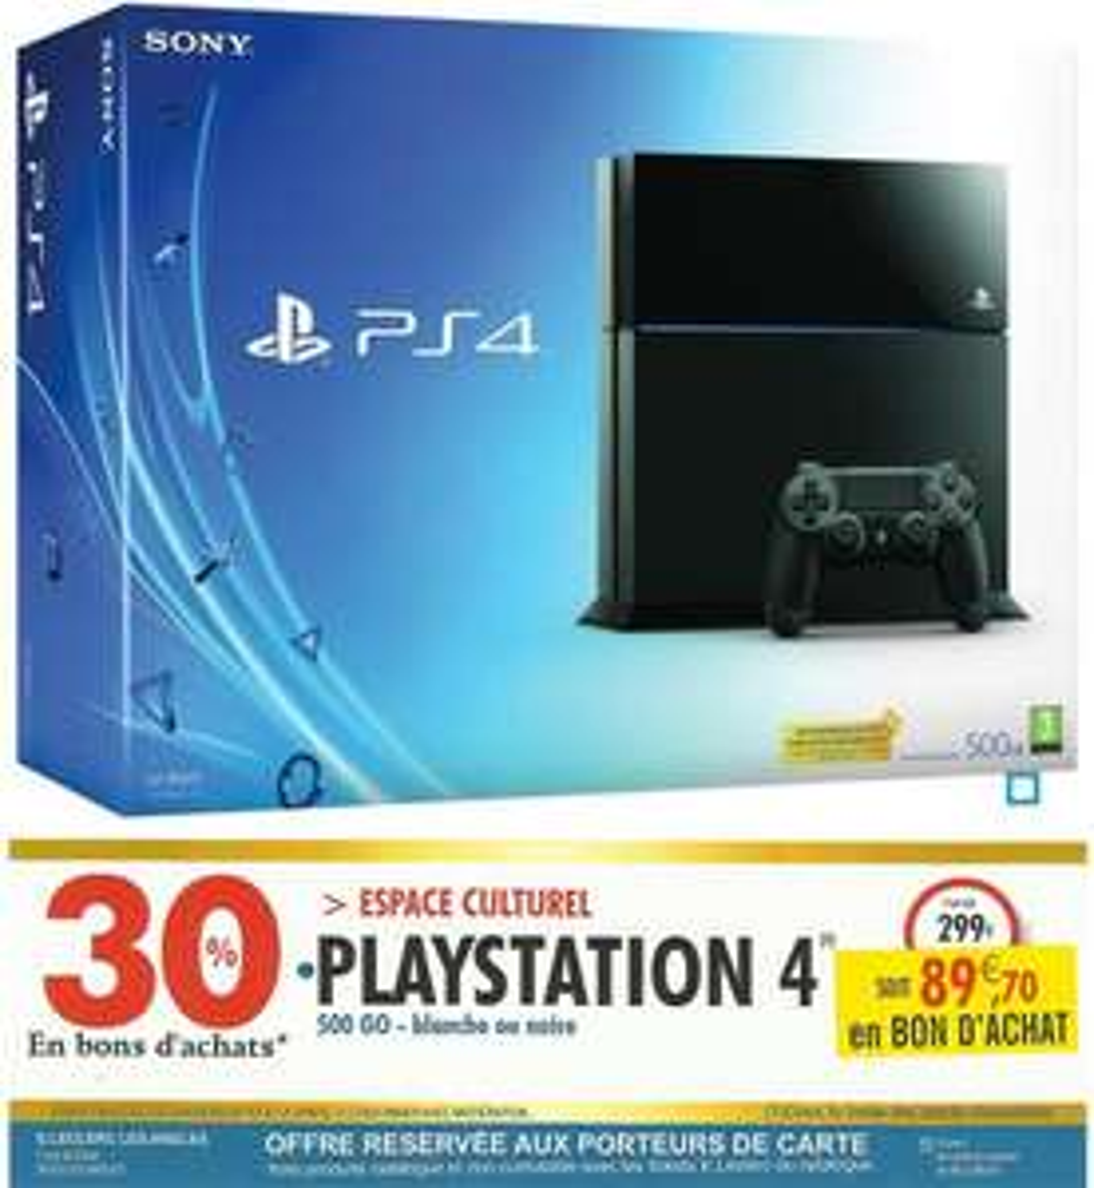 Console Sony PS4 500 Go (avec 89,70€ en bon d'achat) - Blanche ou Noire